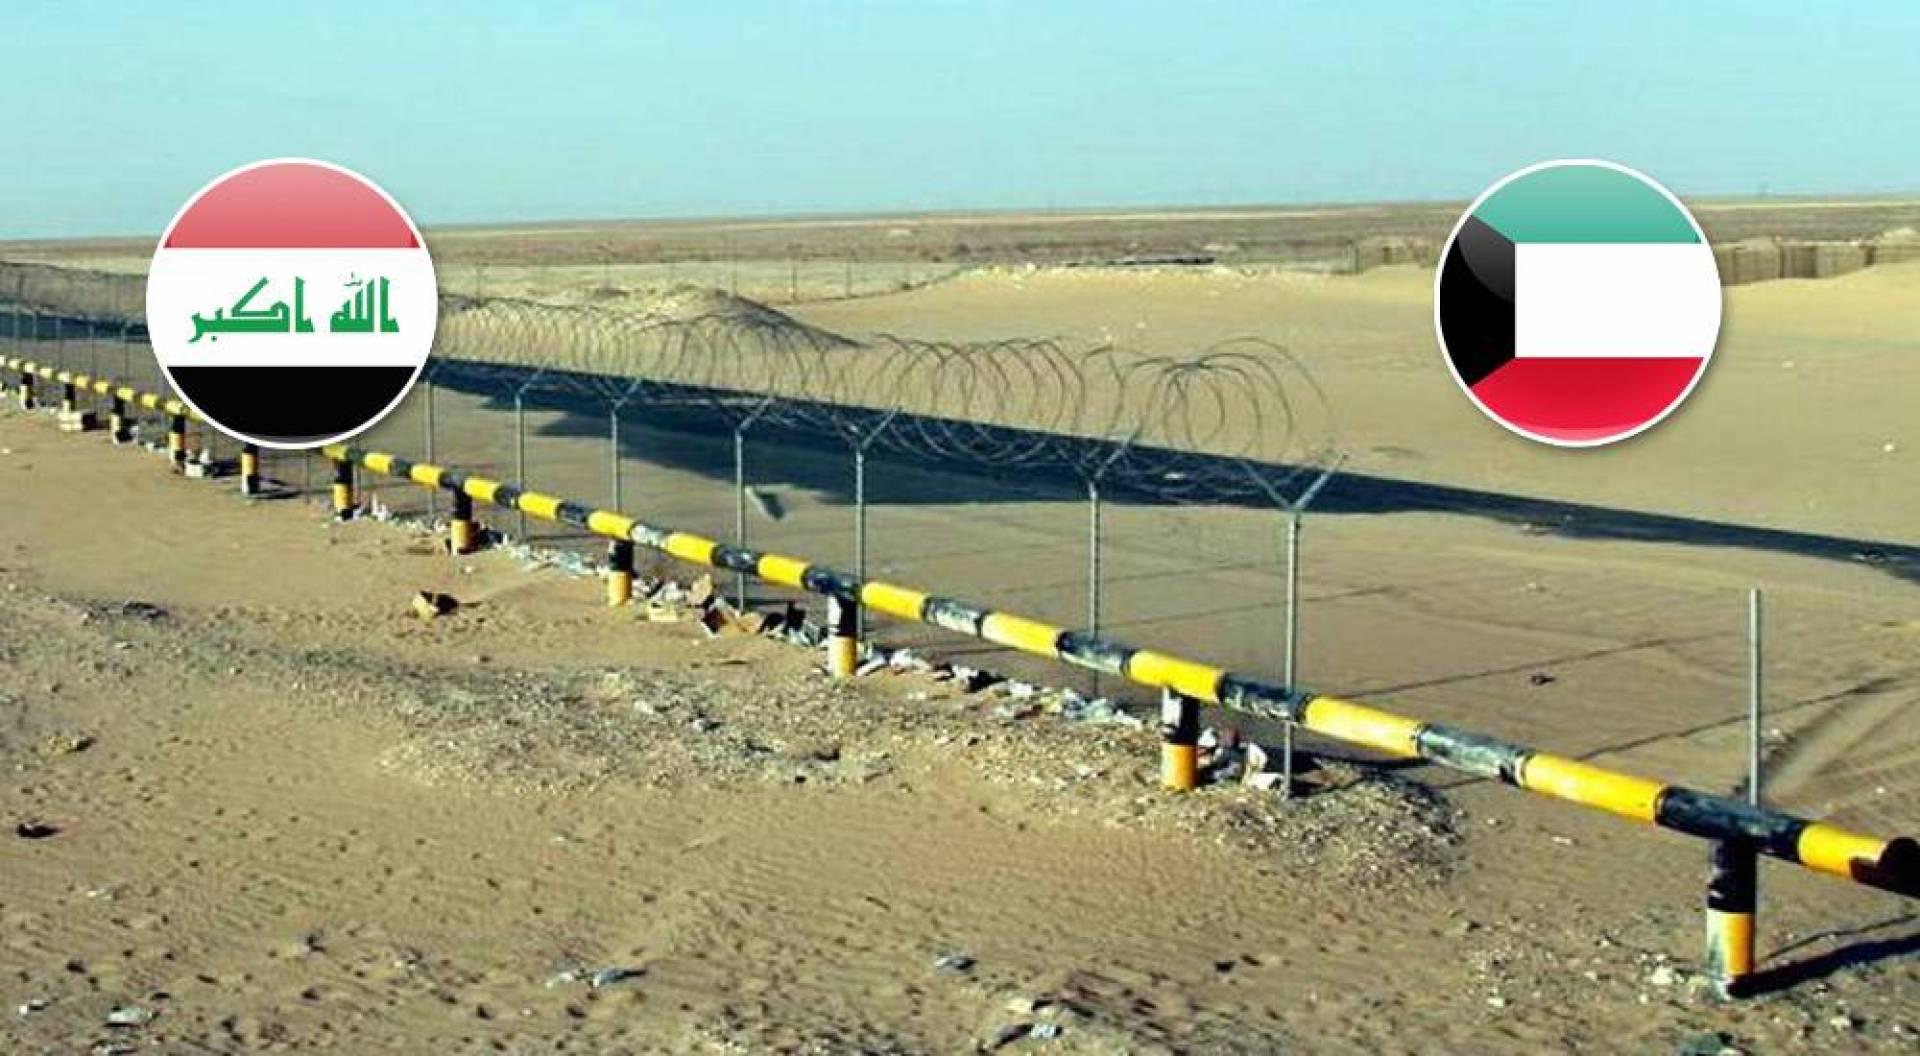 «رويترز» عن مصدر أمني عراقي: وقوع انفجار قرب معبر على الحدود بين العراق والكويت